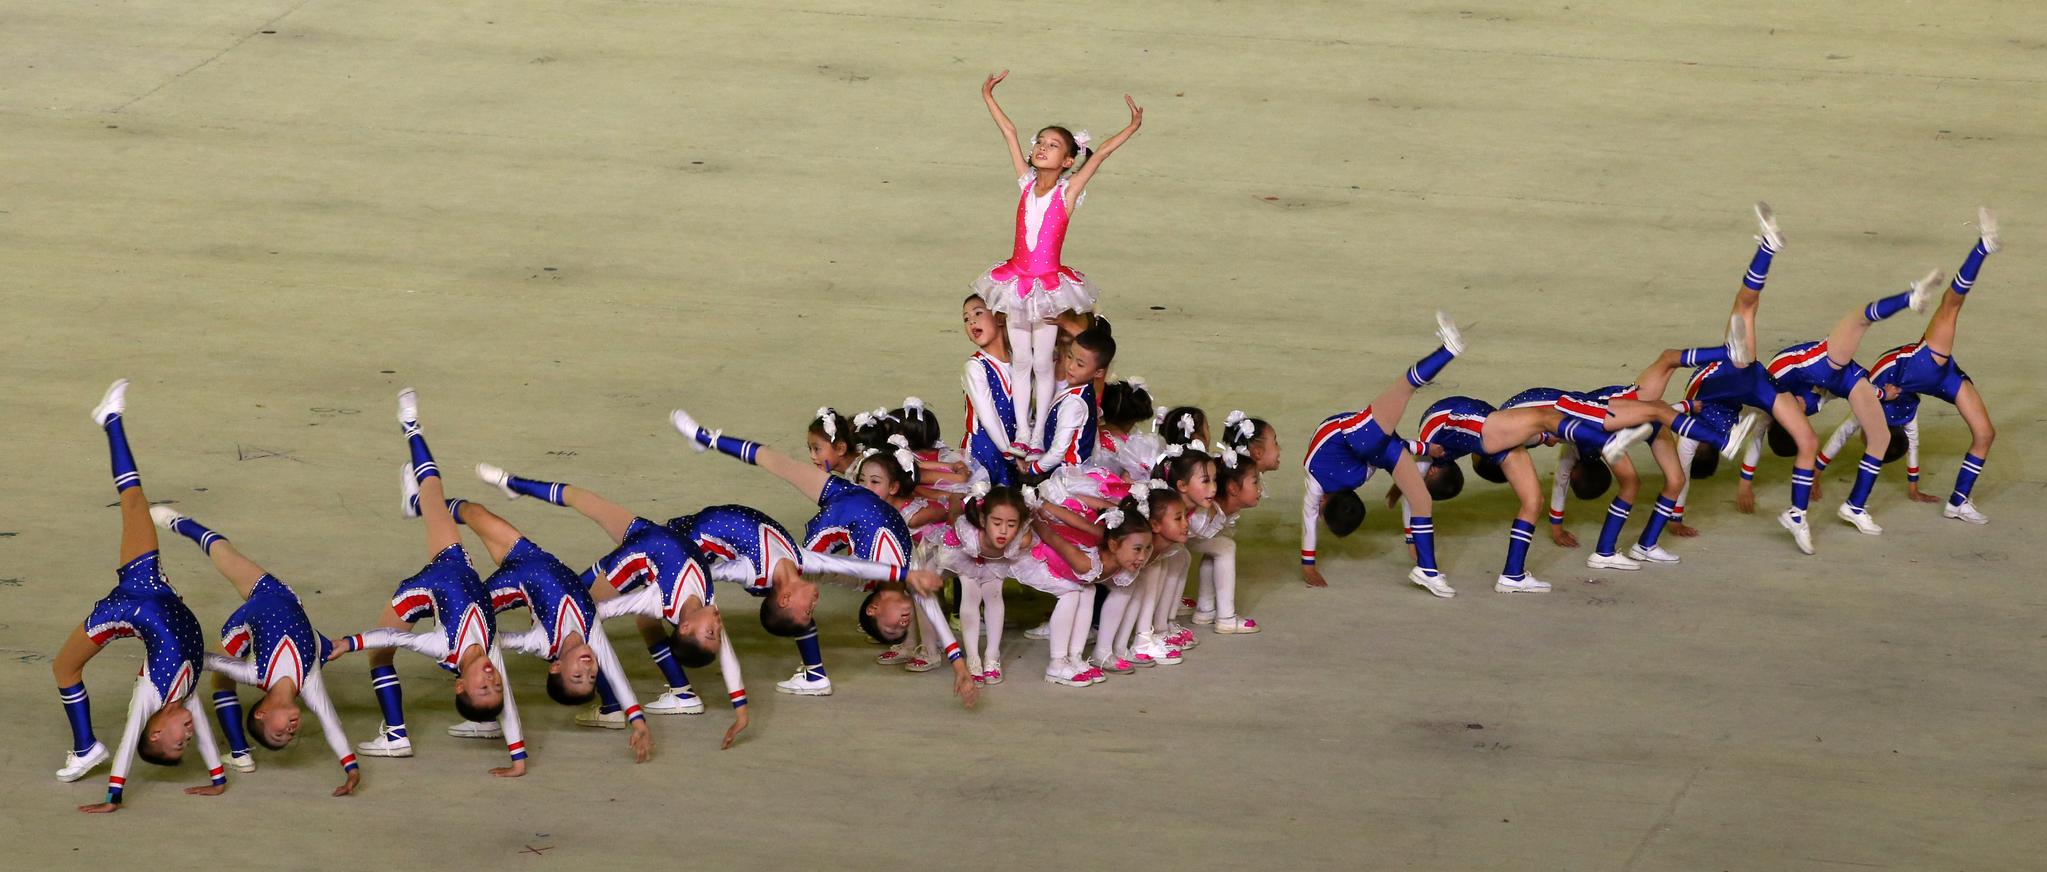 지난 10월 5일 오후 평양 5·1 경기장에서 대집단체조와 예술공연 '빛나는 조국'이 열리고 있다. 평양사진공동취재단